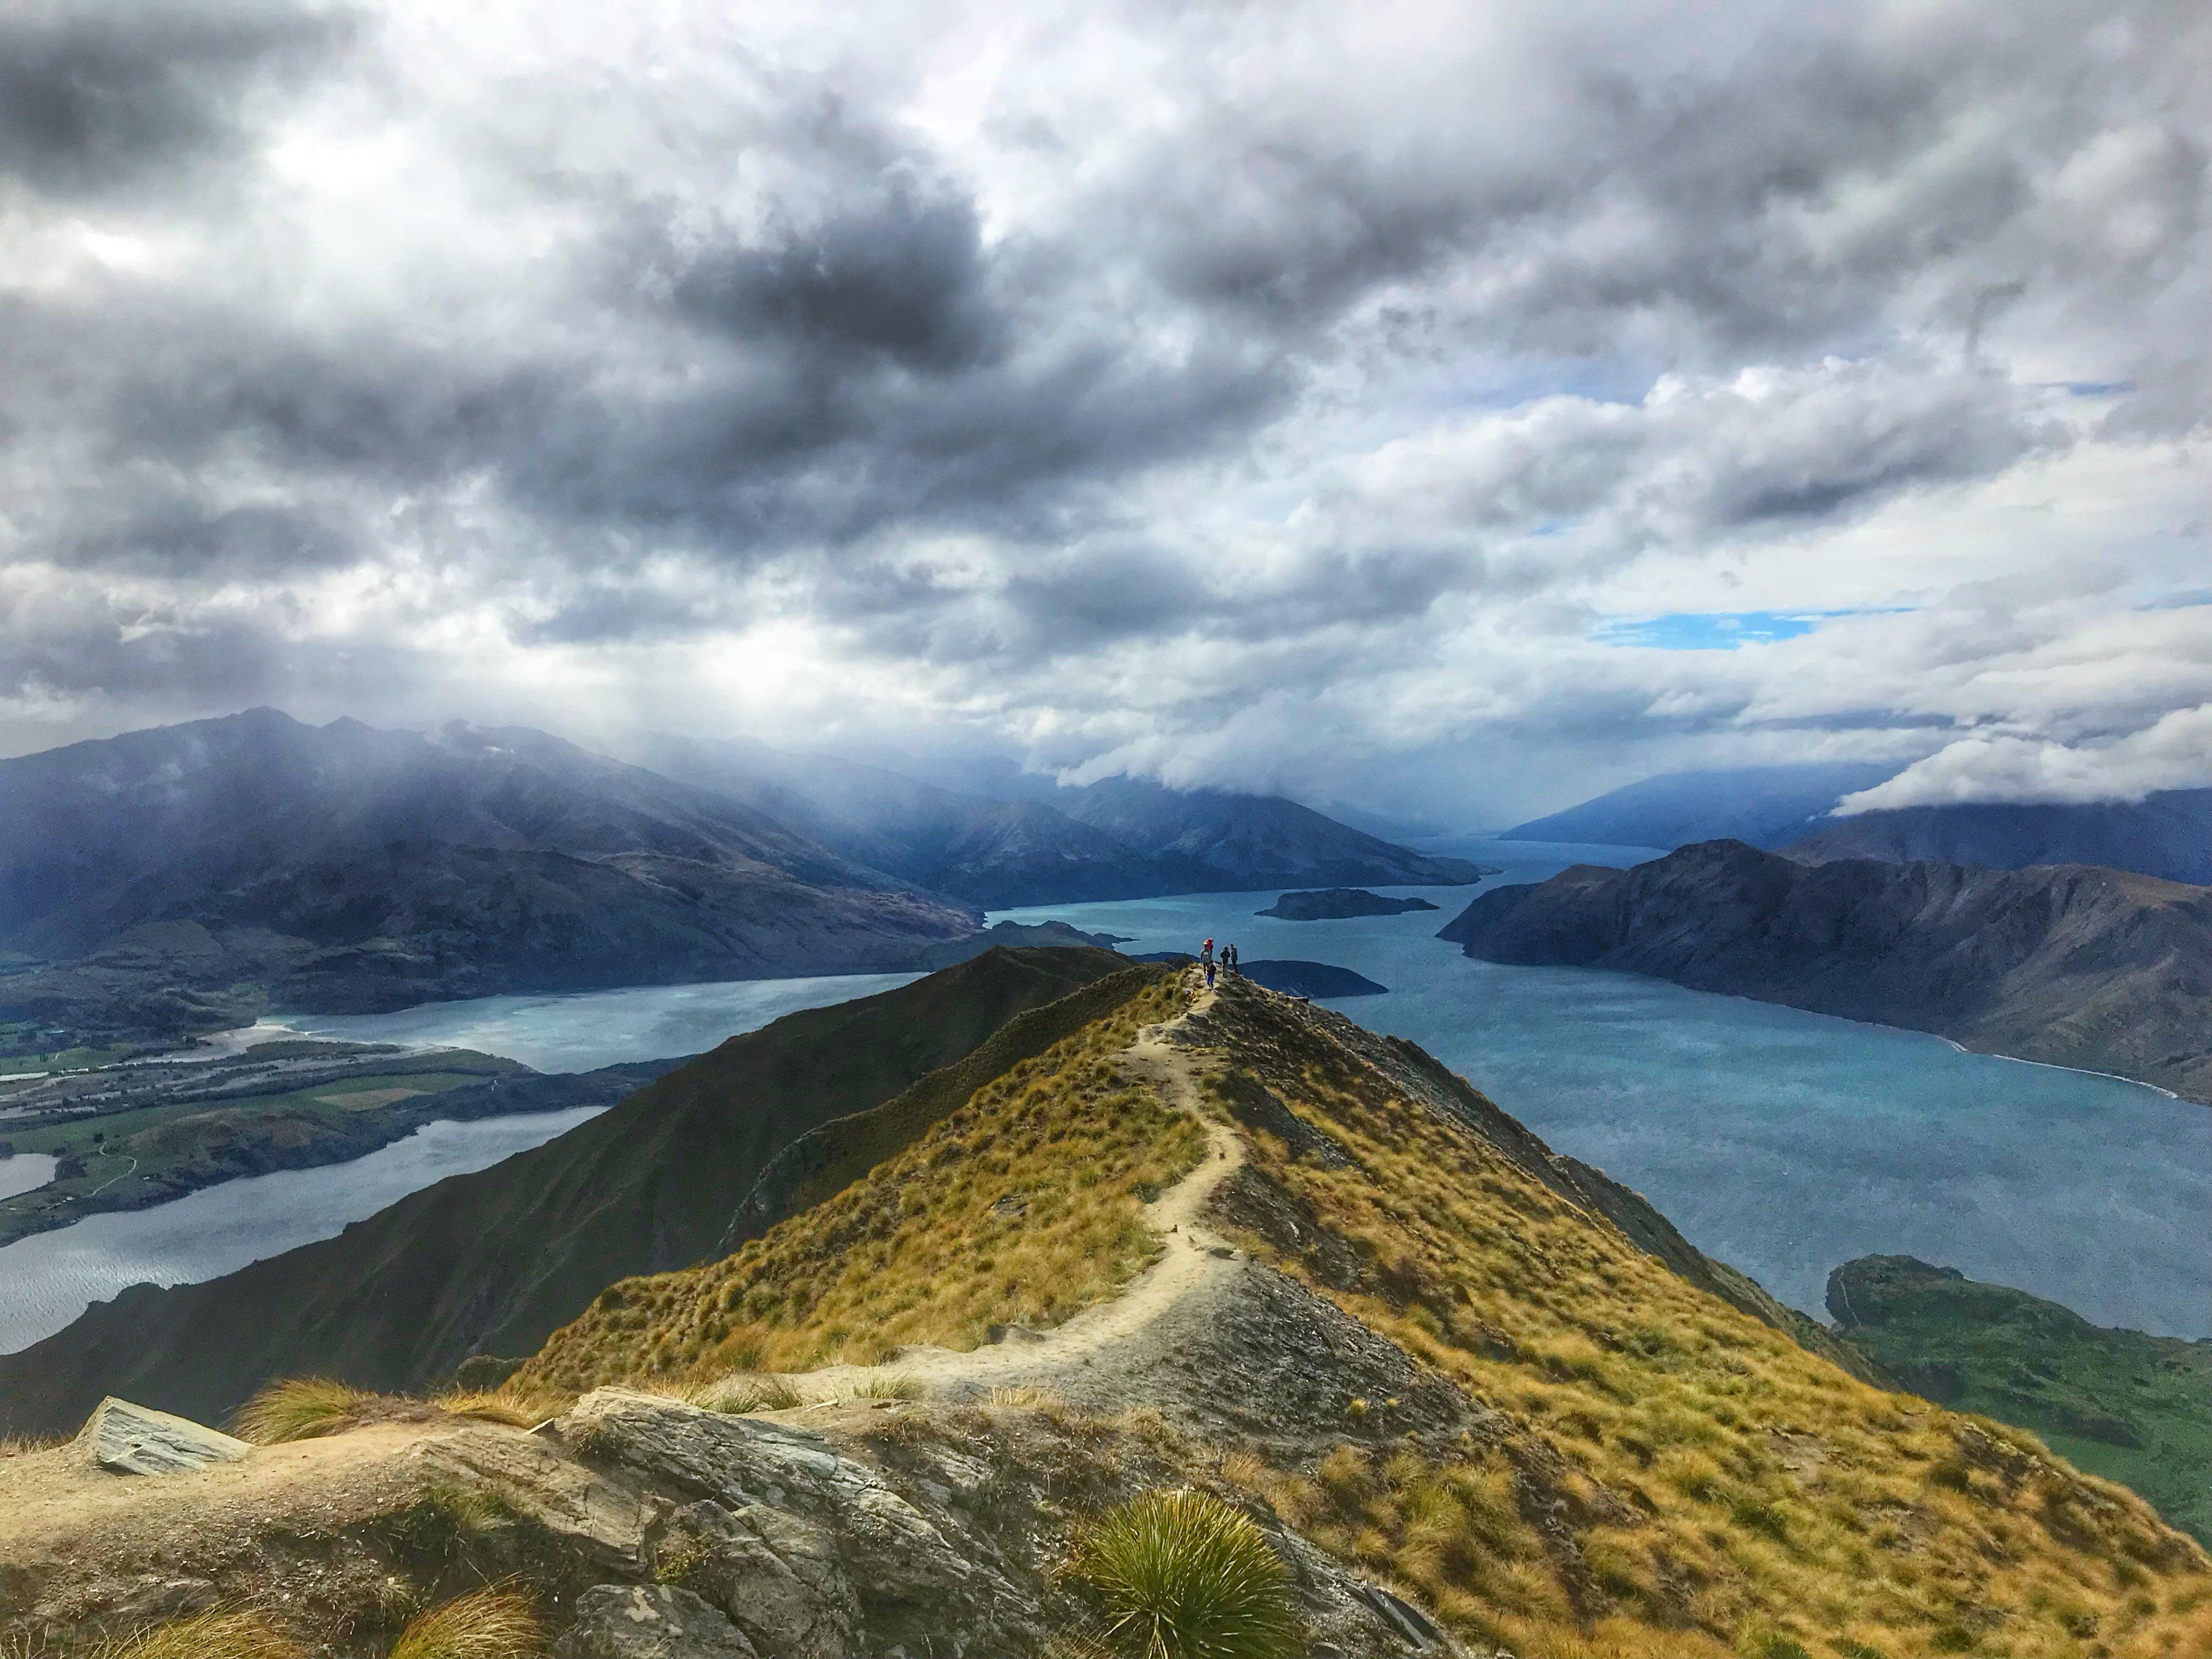 若此生只去一个国家,那一定是新西兰(南岛自驾吃住行买、玩乐徒步攻略)